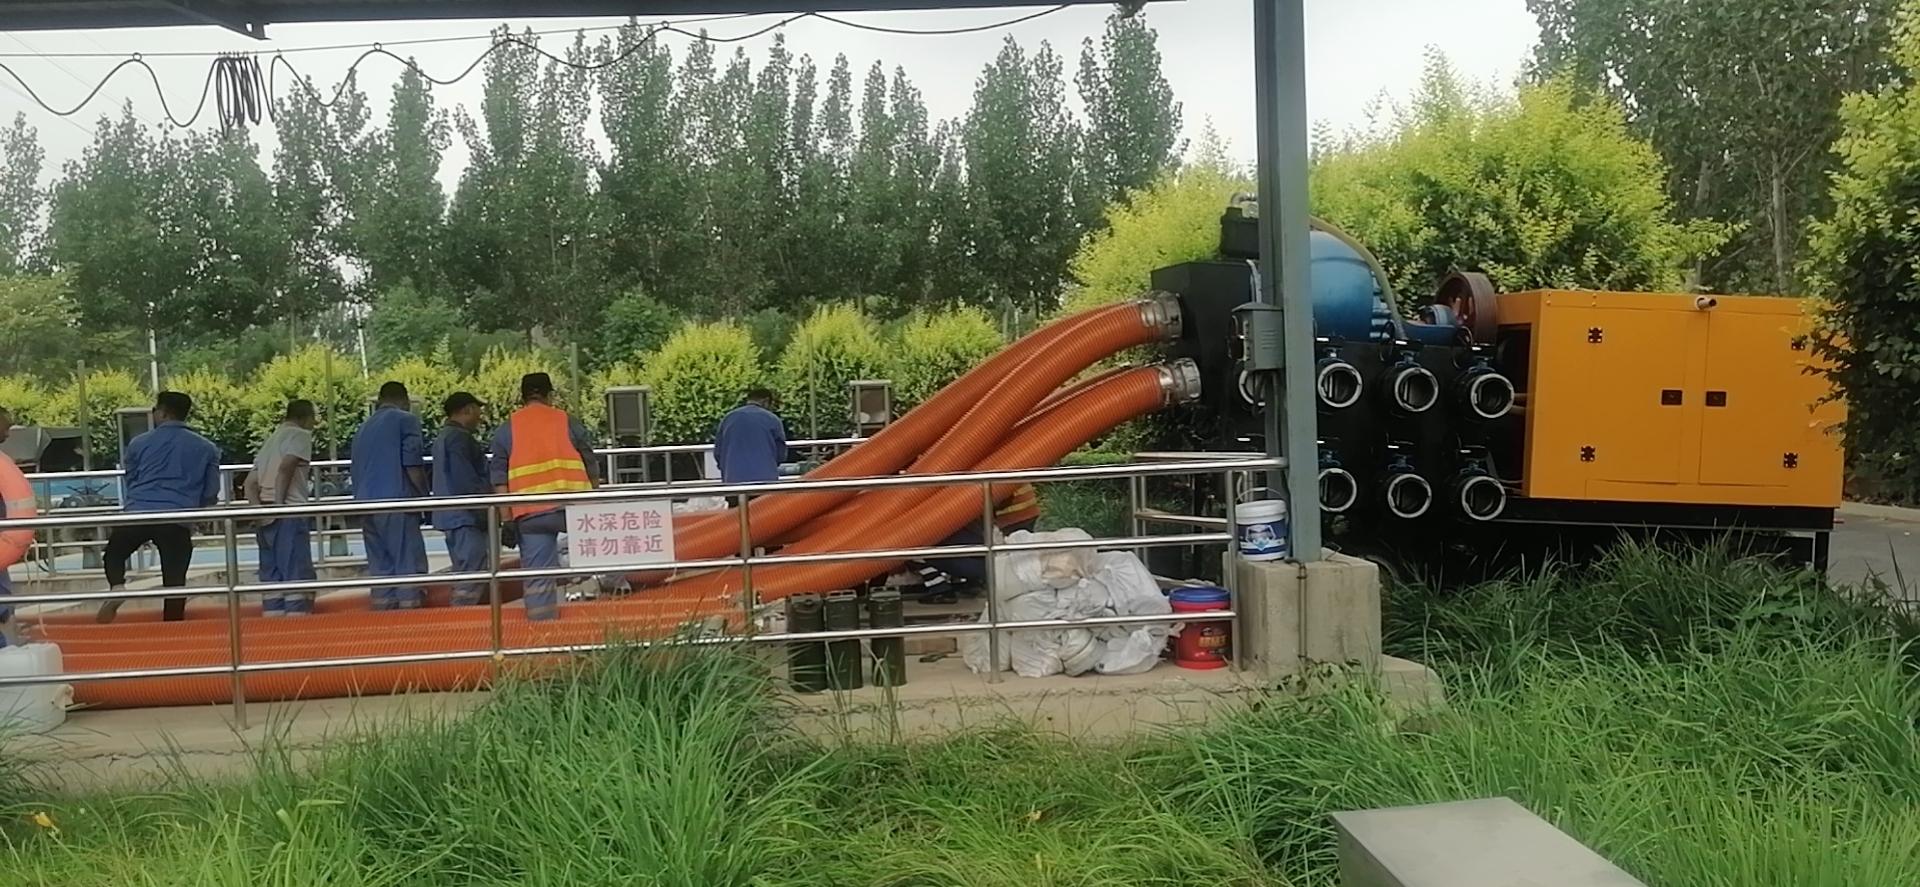 混流泵移动泵车